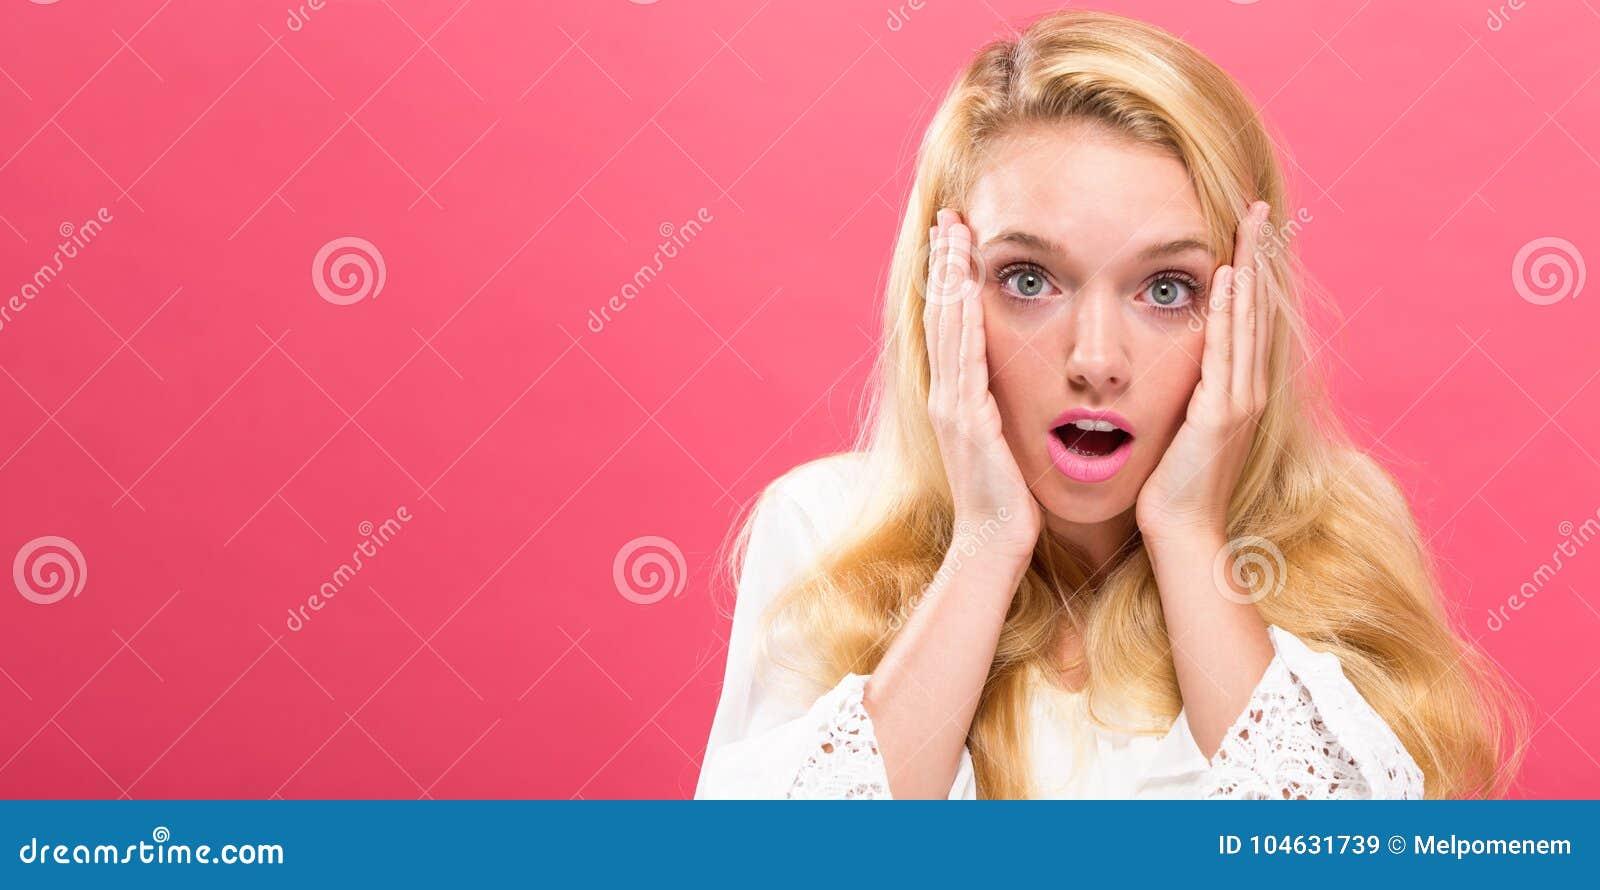 Download Verraste Jonge Vrouw Op Een Heldere Achtergrond Stock Afbeelding - Afbeelding bestaande uit wijfje, portret: 104631739